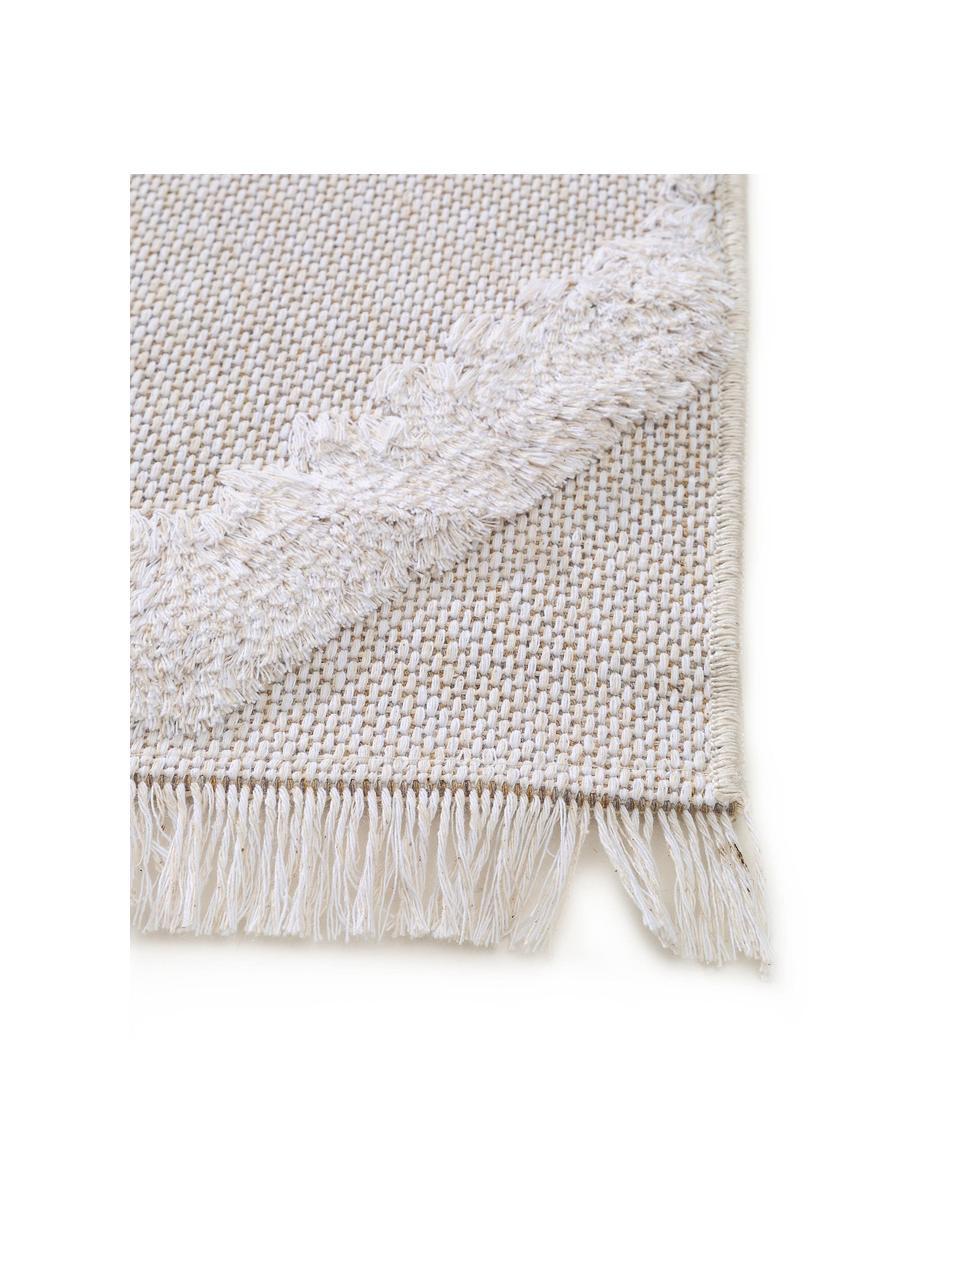 Waschbarer Boho Baumwollteppich Oslo mit Hoch-Tief-Muster, 100% Baumwolle, Cremeweiß, Beige, B 150 x L 230 cm (Größe M)